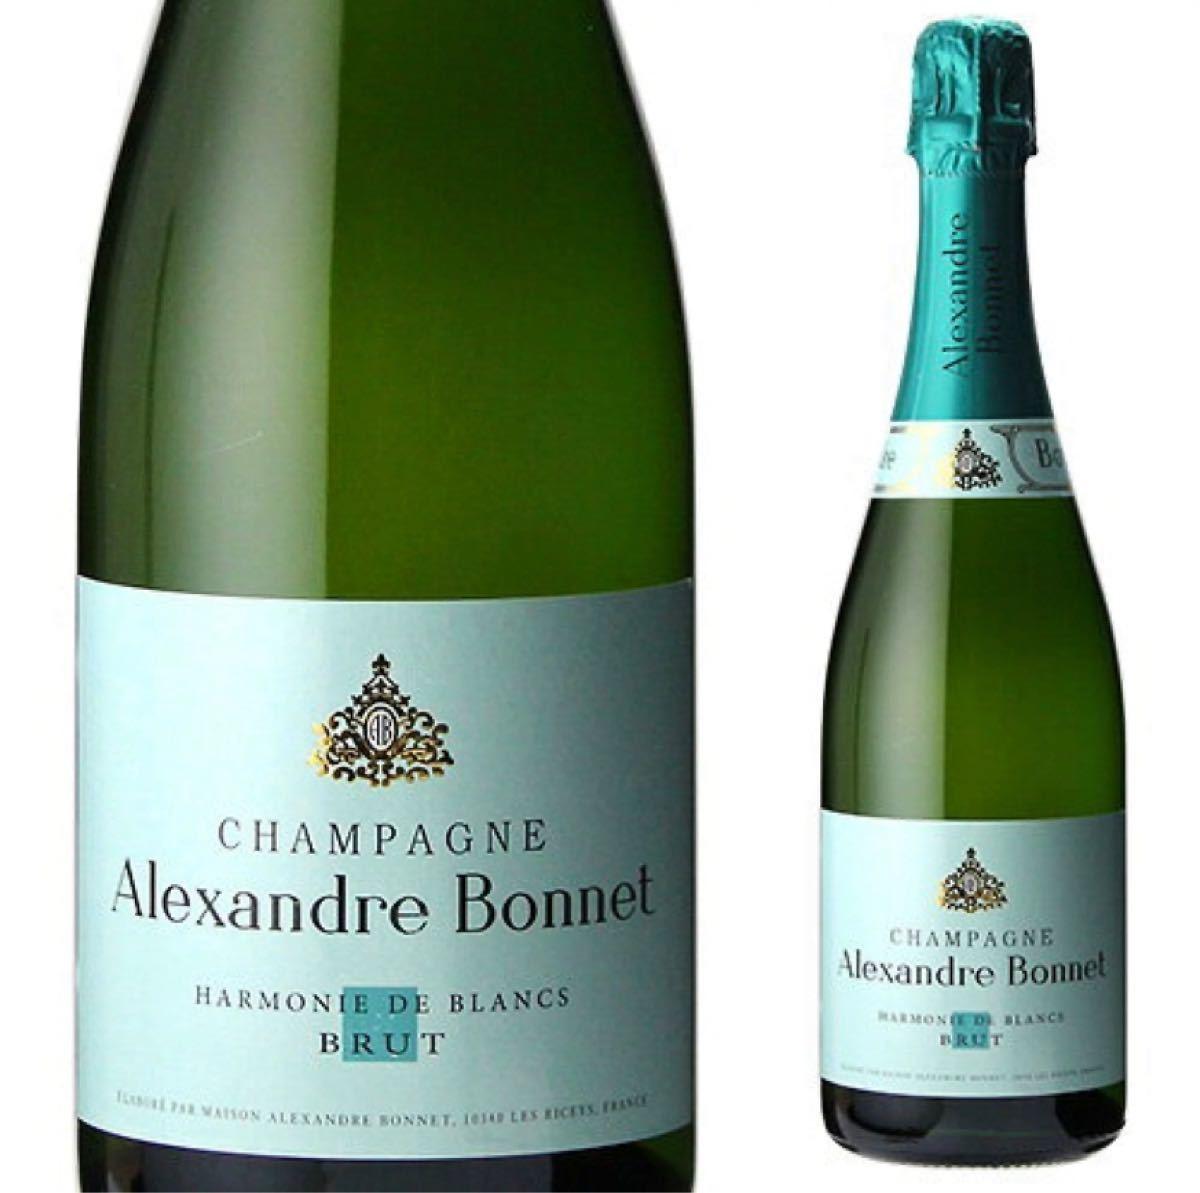 3本セット!激安!高級シャンパン アレクサンドル・ボネ ドンペリ シャンパーニュ